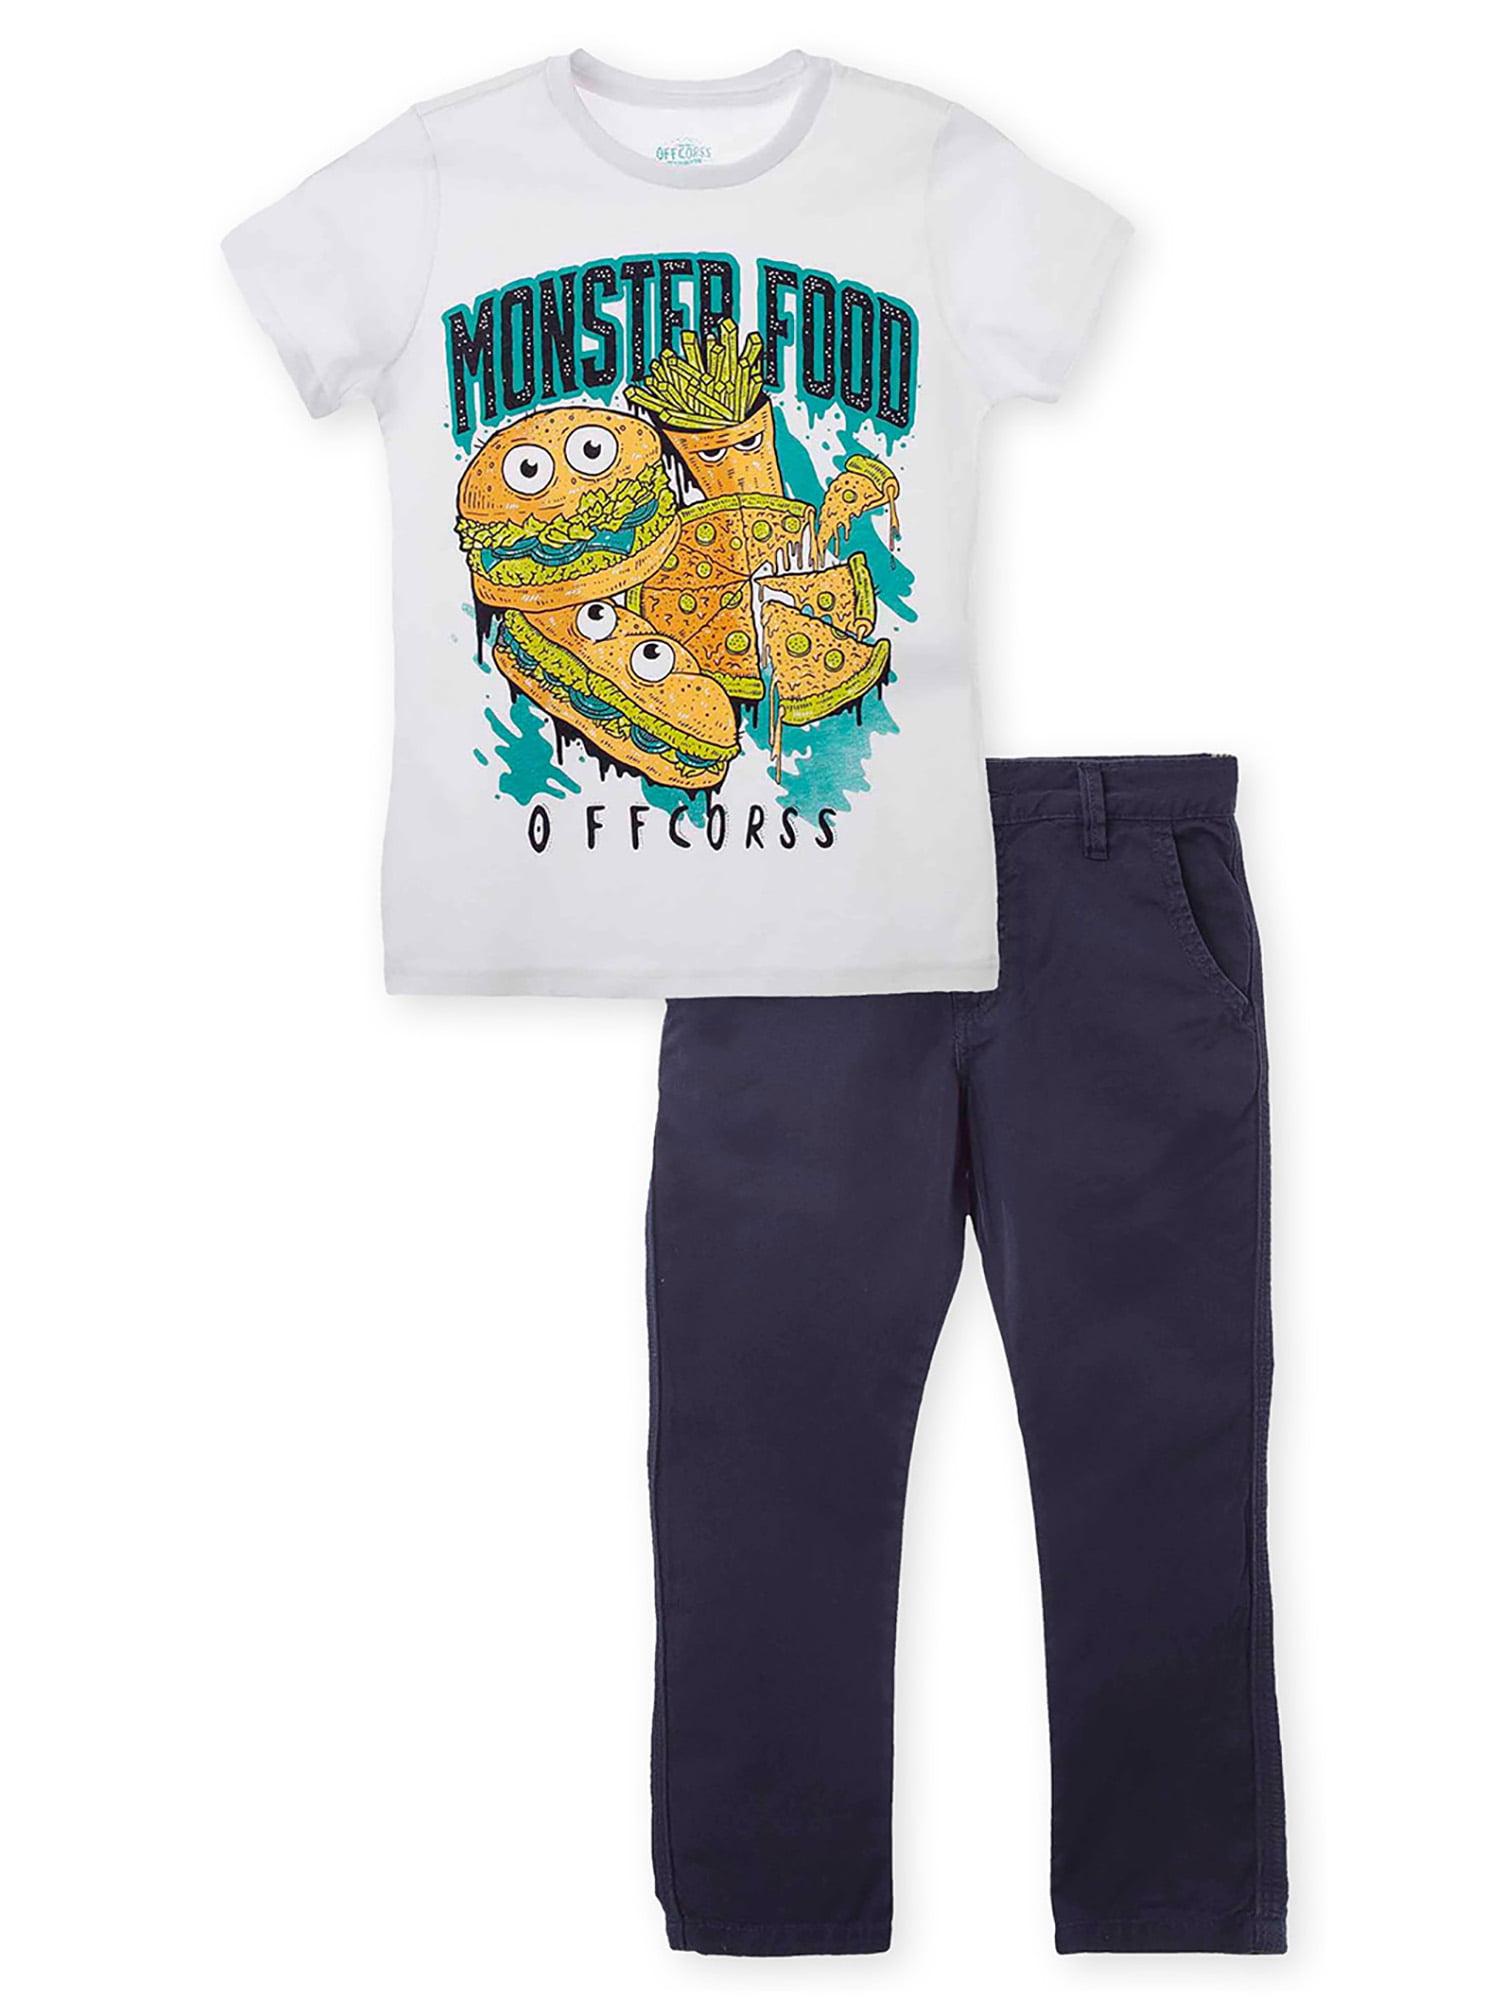 OFFCORSS Big Boys 2 Piece Easter Skinny Outfits | Ropa de Niños de Vestir